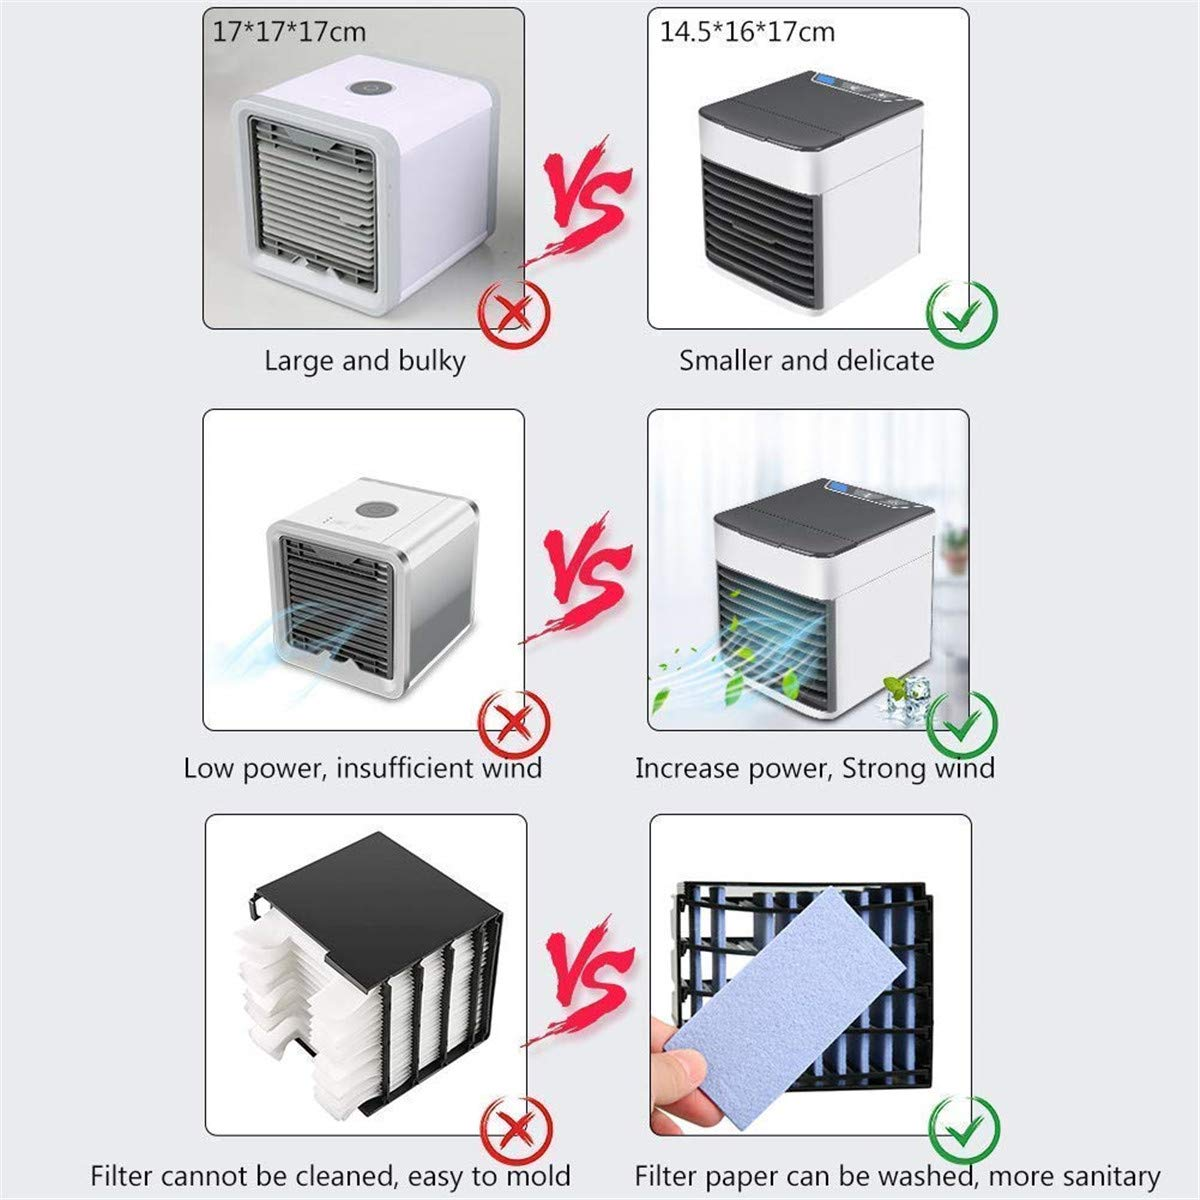 GEEK UP Mini Climatiseur Refroidisseur Dair /Économe En /Énergie Portables//Ventilateur//Humidificateur Avec 3 Vitesses De Vent Et 7 Changements De Couleur Blanc